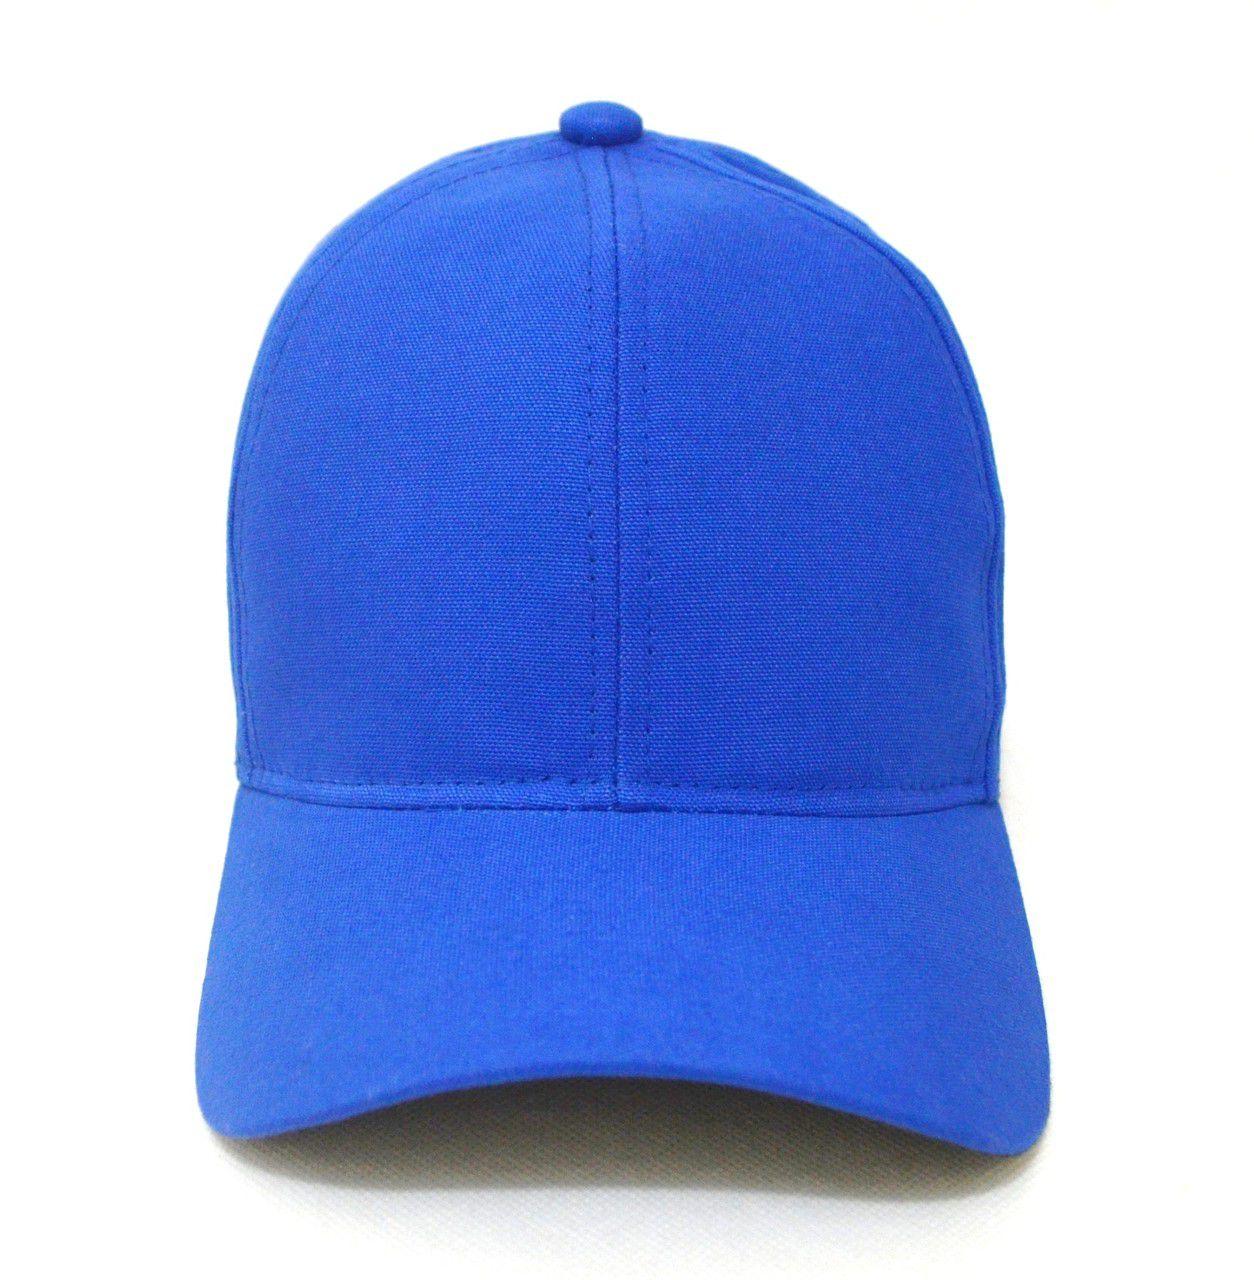 Boné Azul Liso Esporte Sem Estampa Unissex Aba Curva - Super Leve e com Ajuste de Tamanho